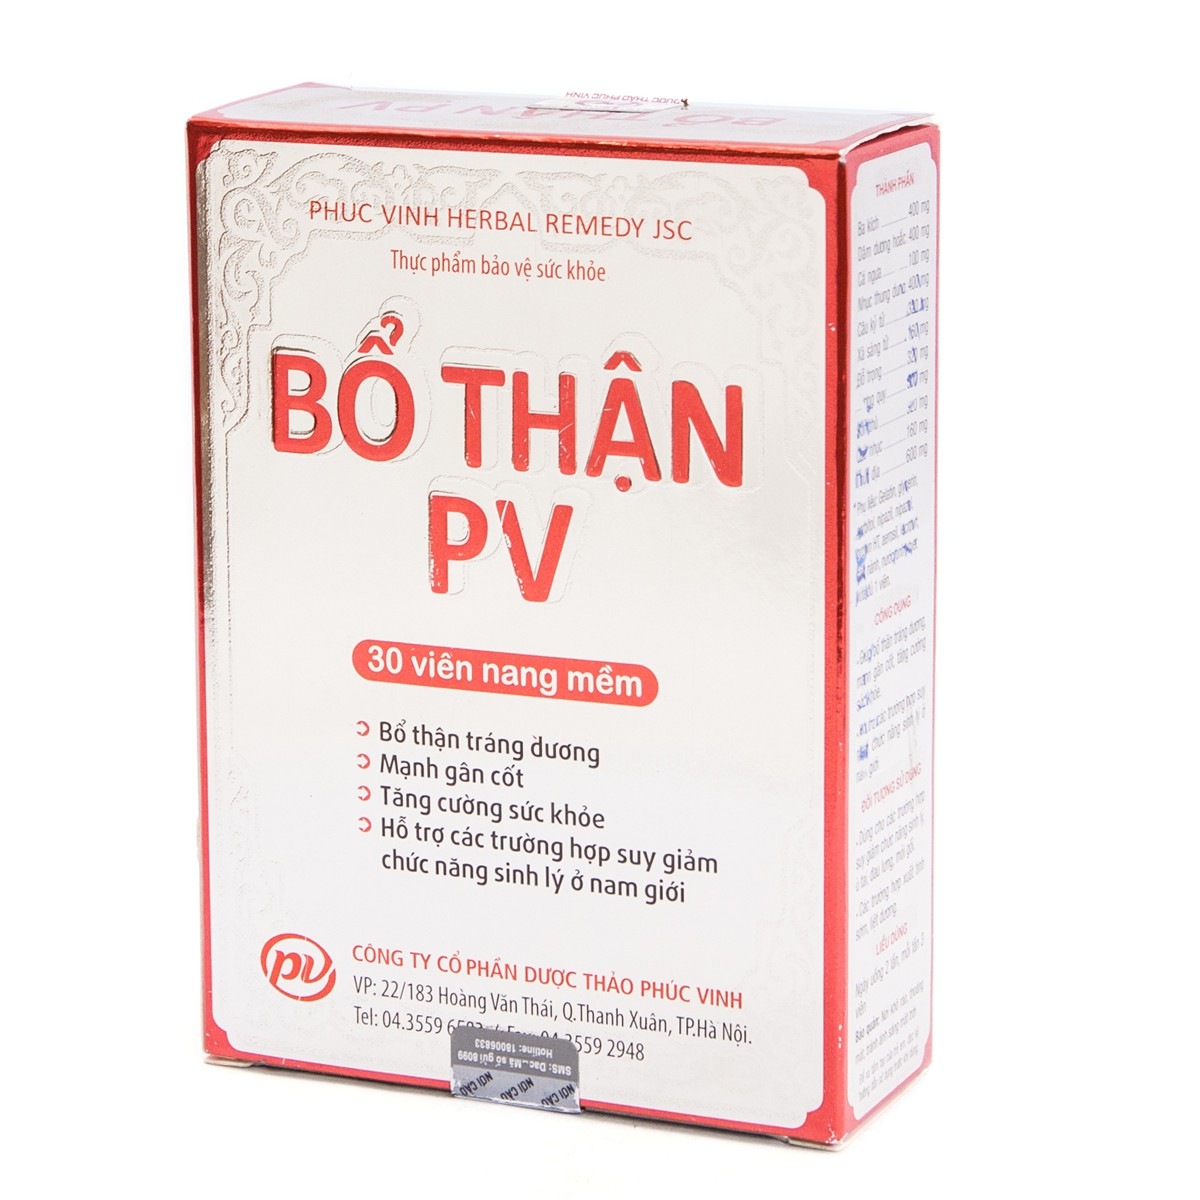 Bổ thận PV là sản phẩm thuộc công ty dược phẩm Phúc Vinh